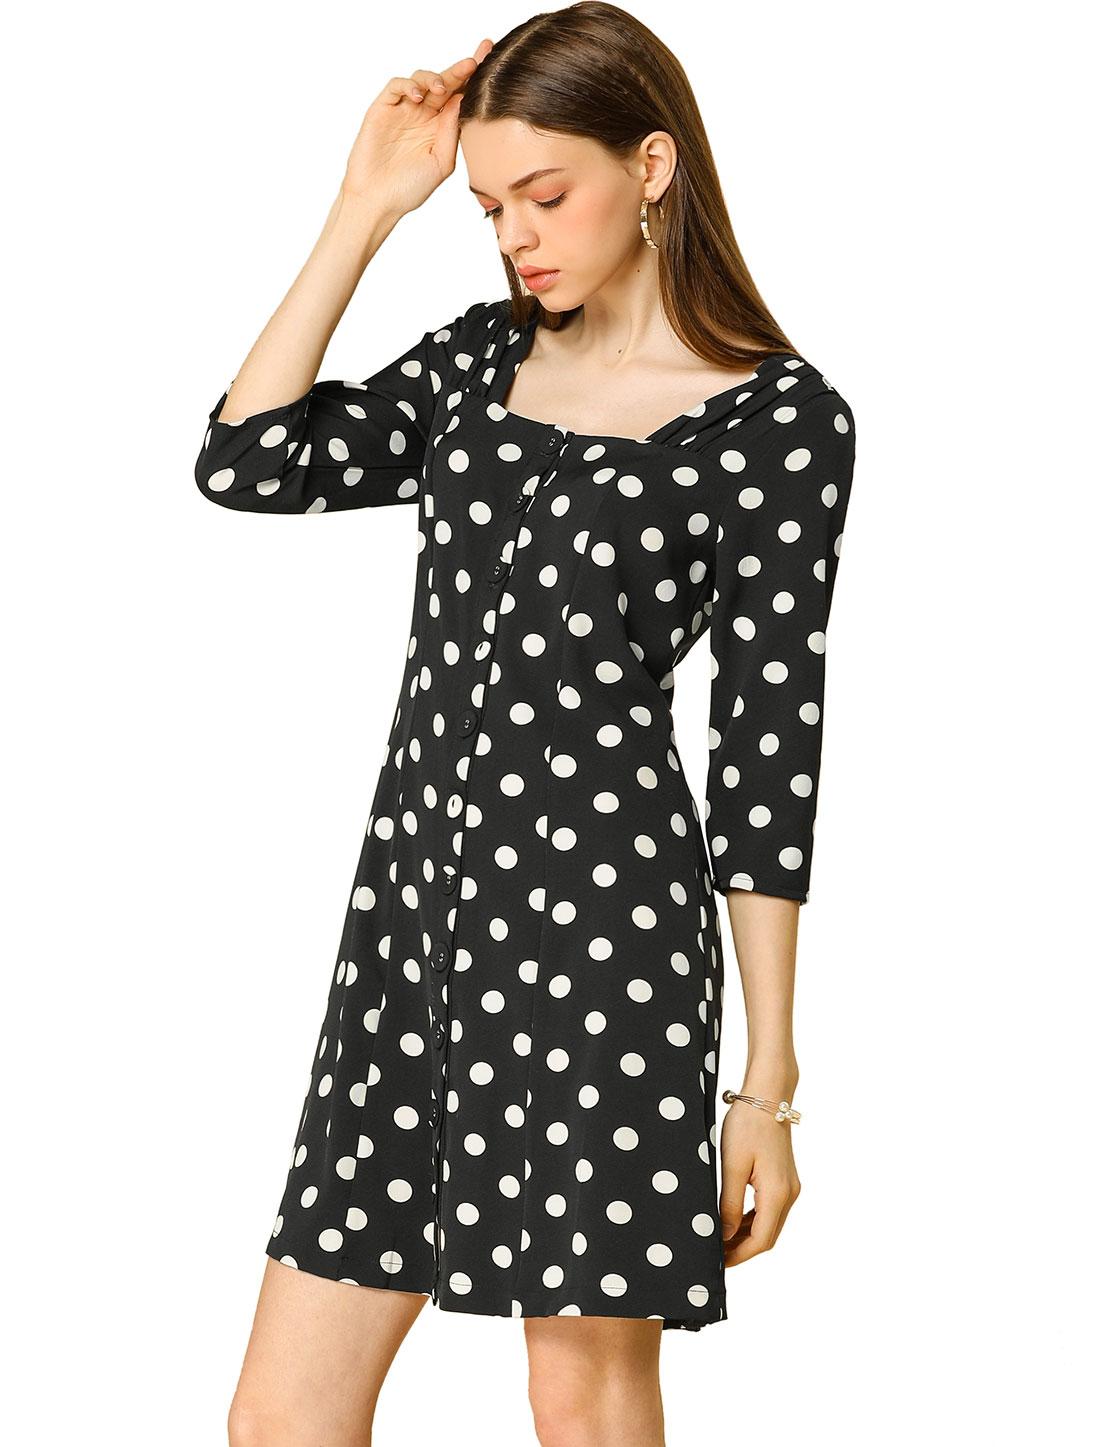 k Botton Down A-Line Retro Maxi Polka Dot Dress Black M